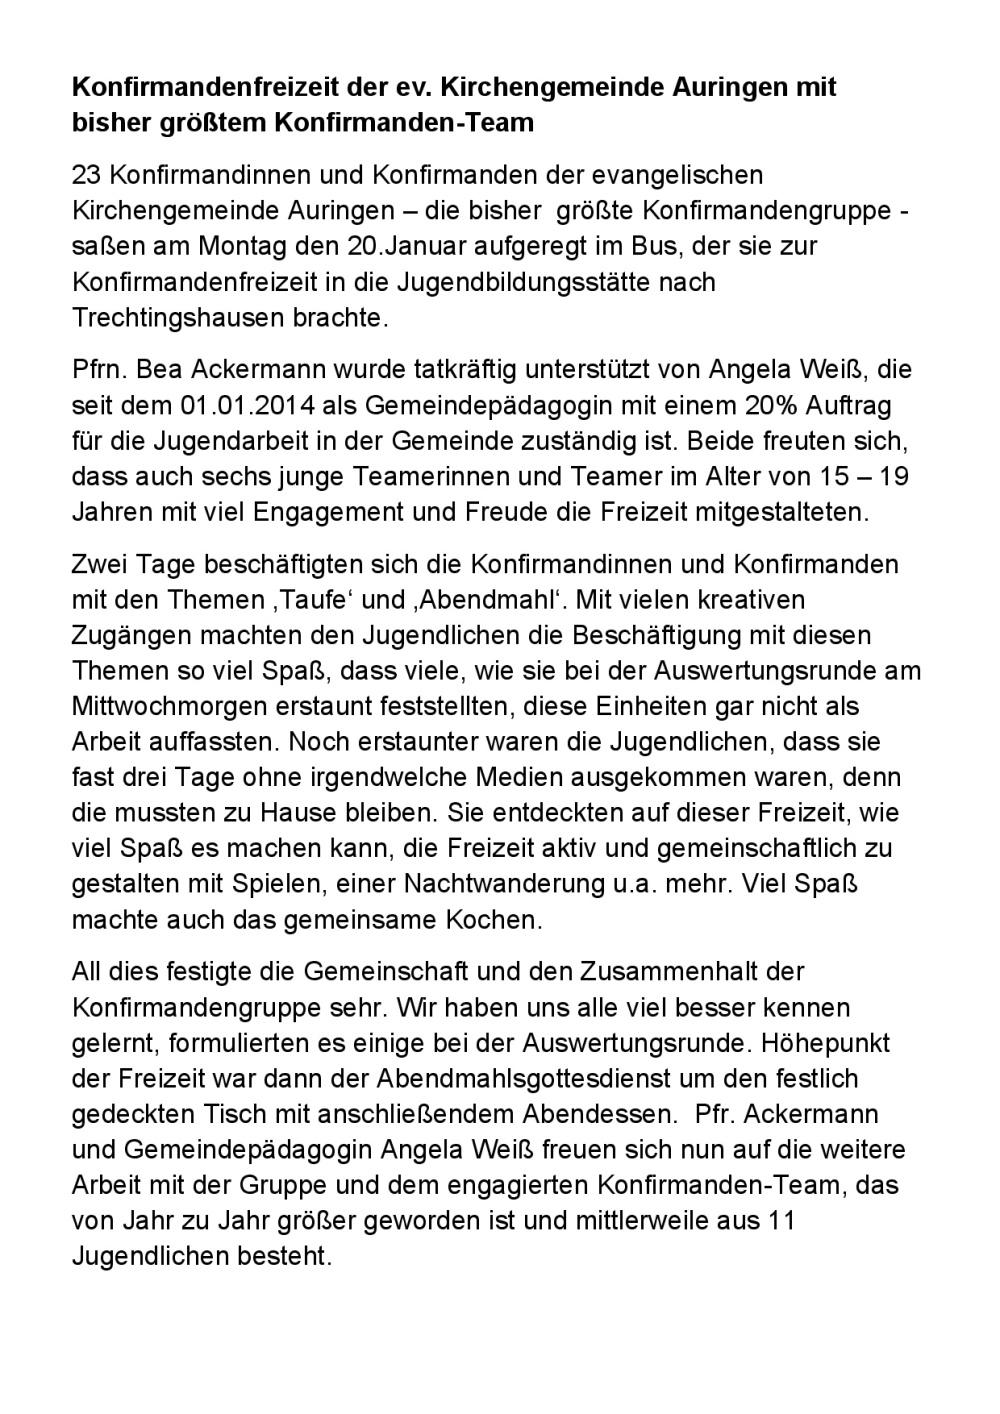 02-Konfi-Freizeit 20.-23.01.14-002